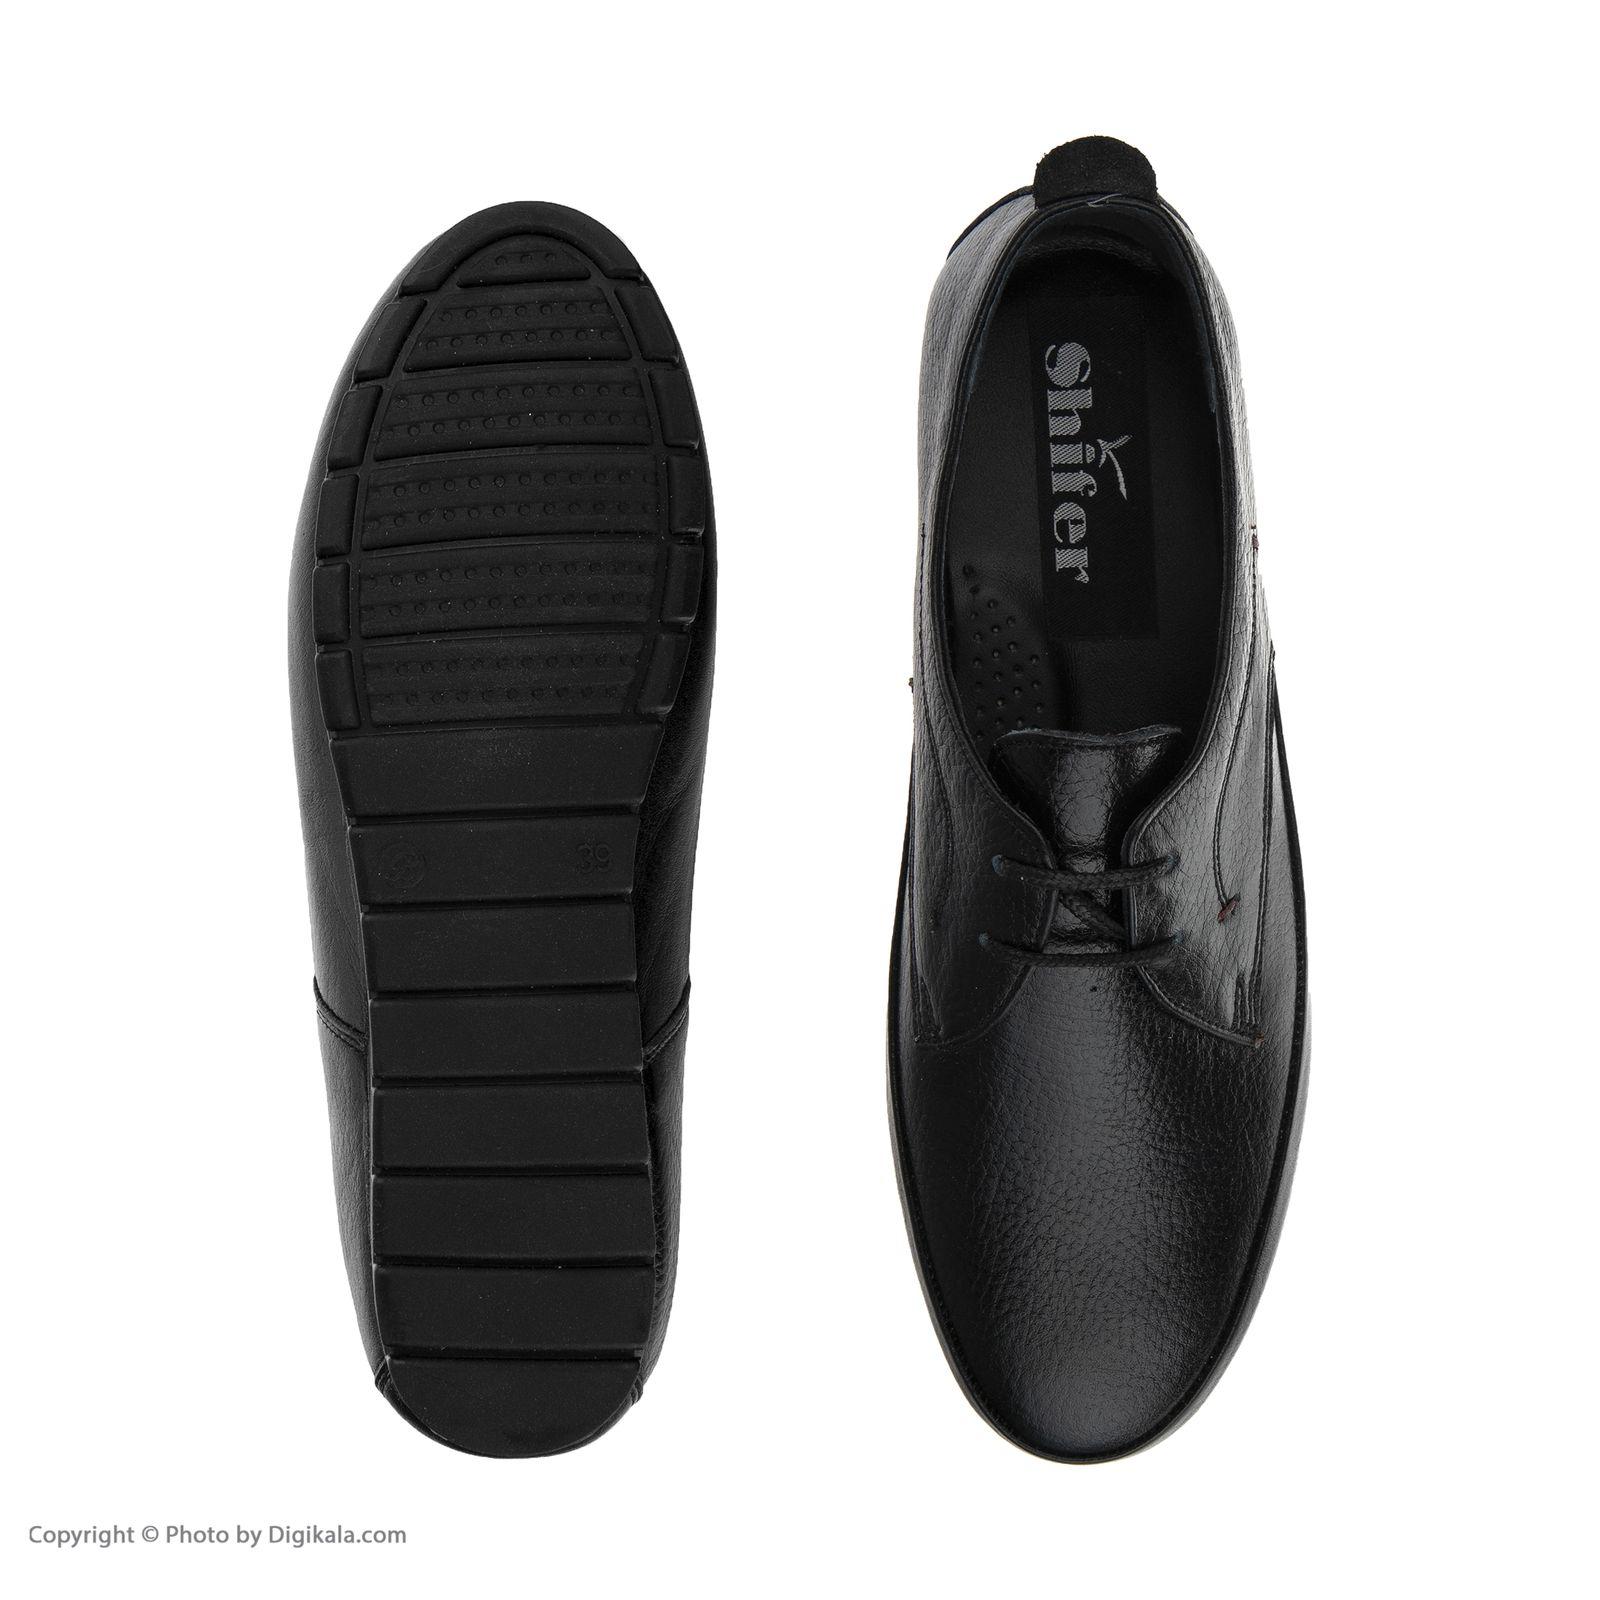 کفش روزمره زنانه شیفر مدل 5313b500101 main 1 2